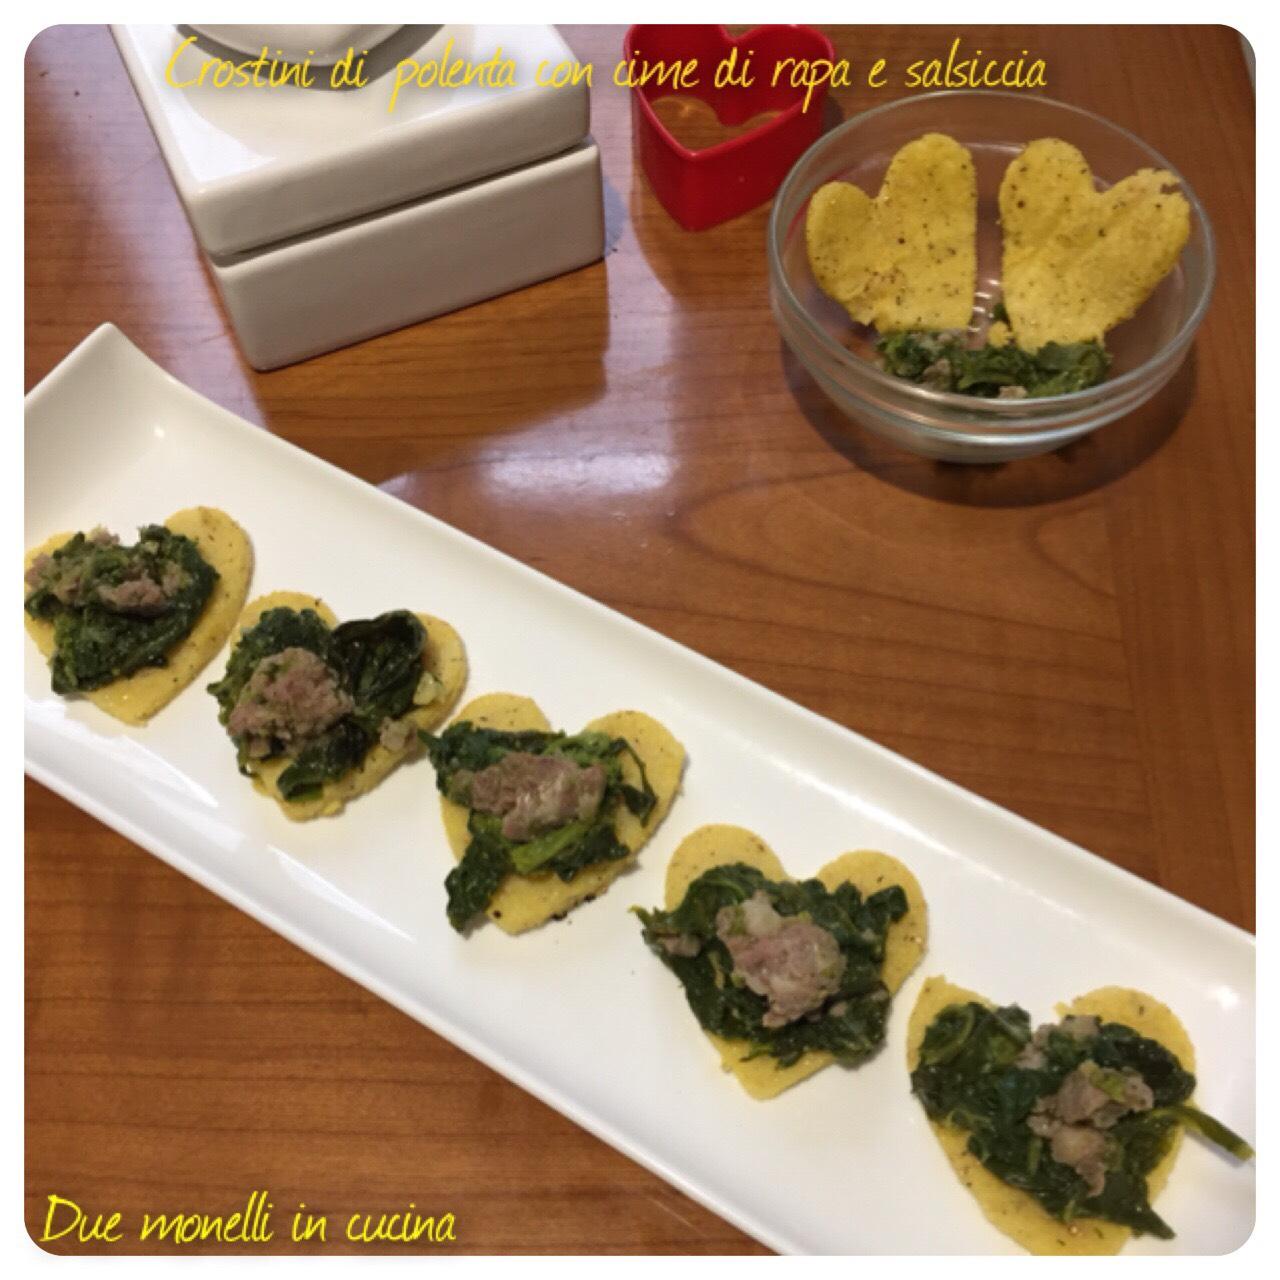 Crostini di polenta con cime di rapa e salsiccia